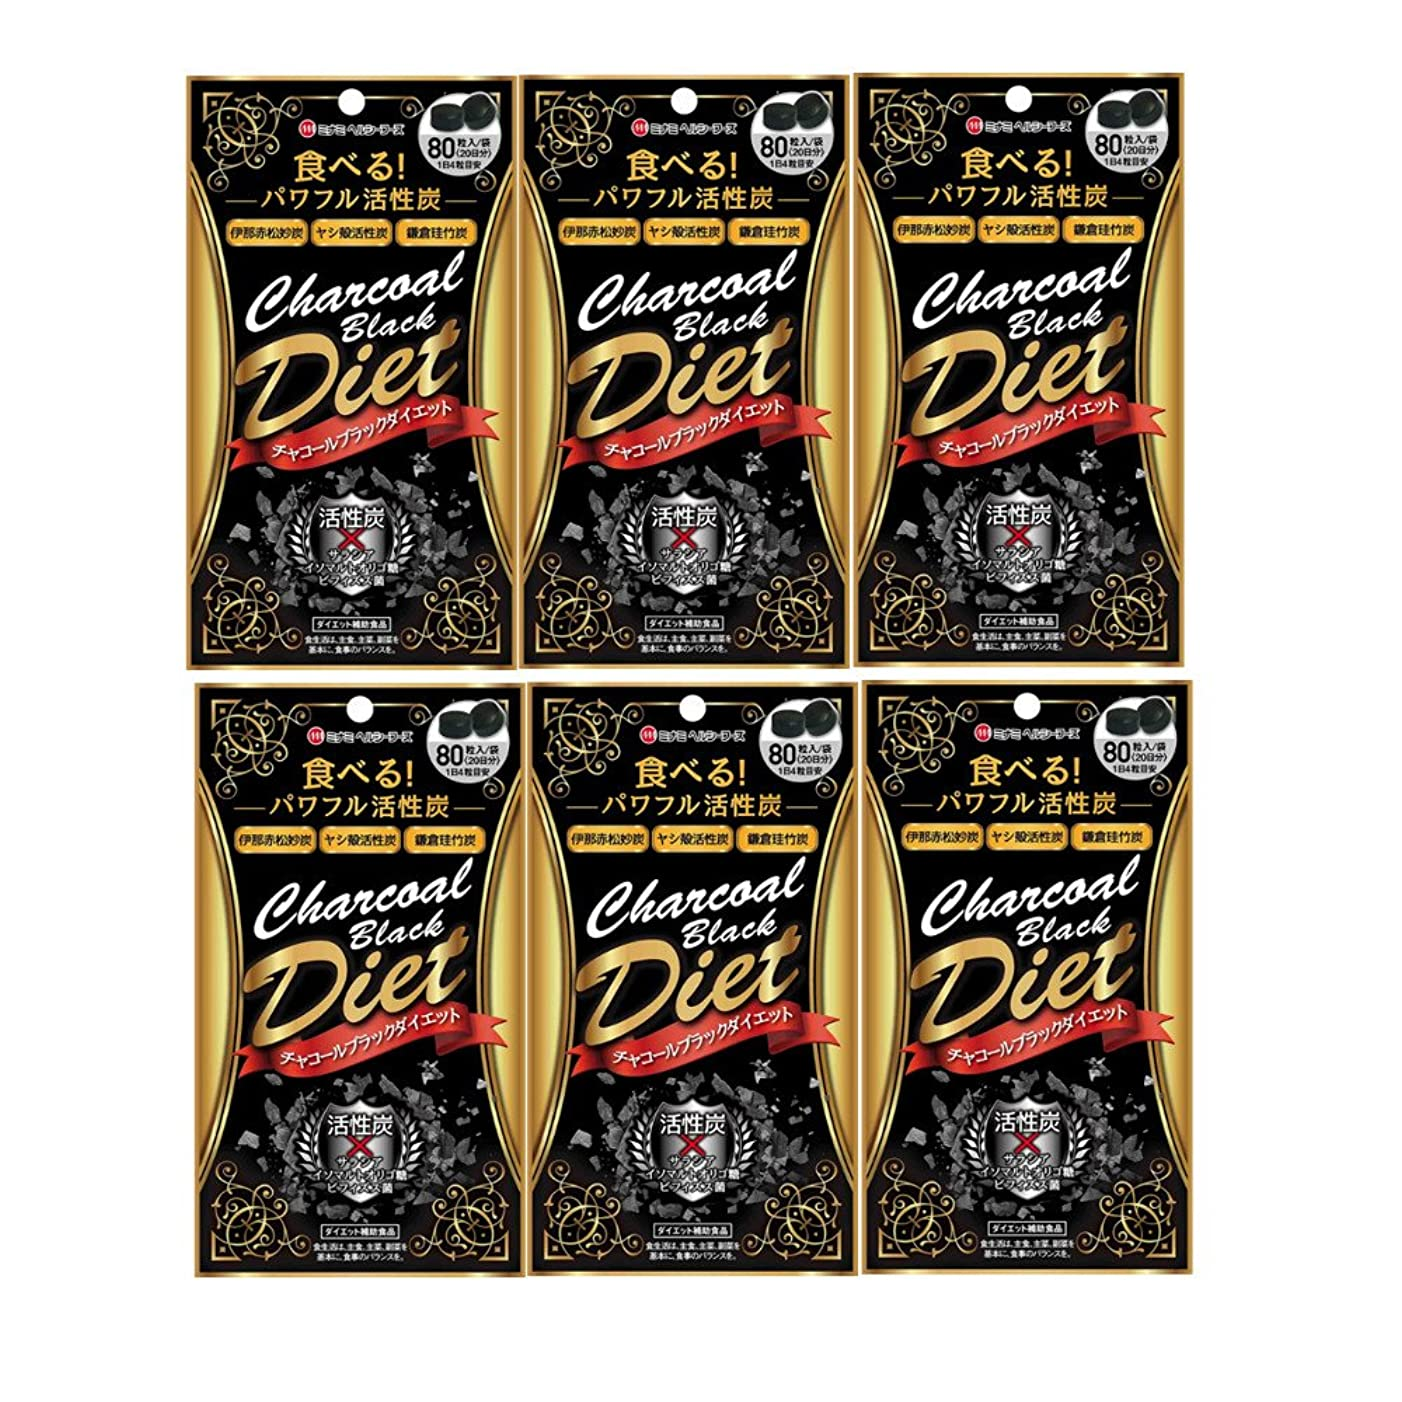 化石刃リップ【6個セット】ミナミヘルシーフーズ チャコールブラックダイエット 80粒入